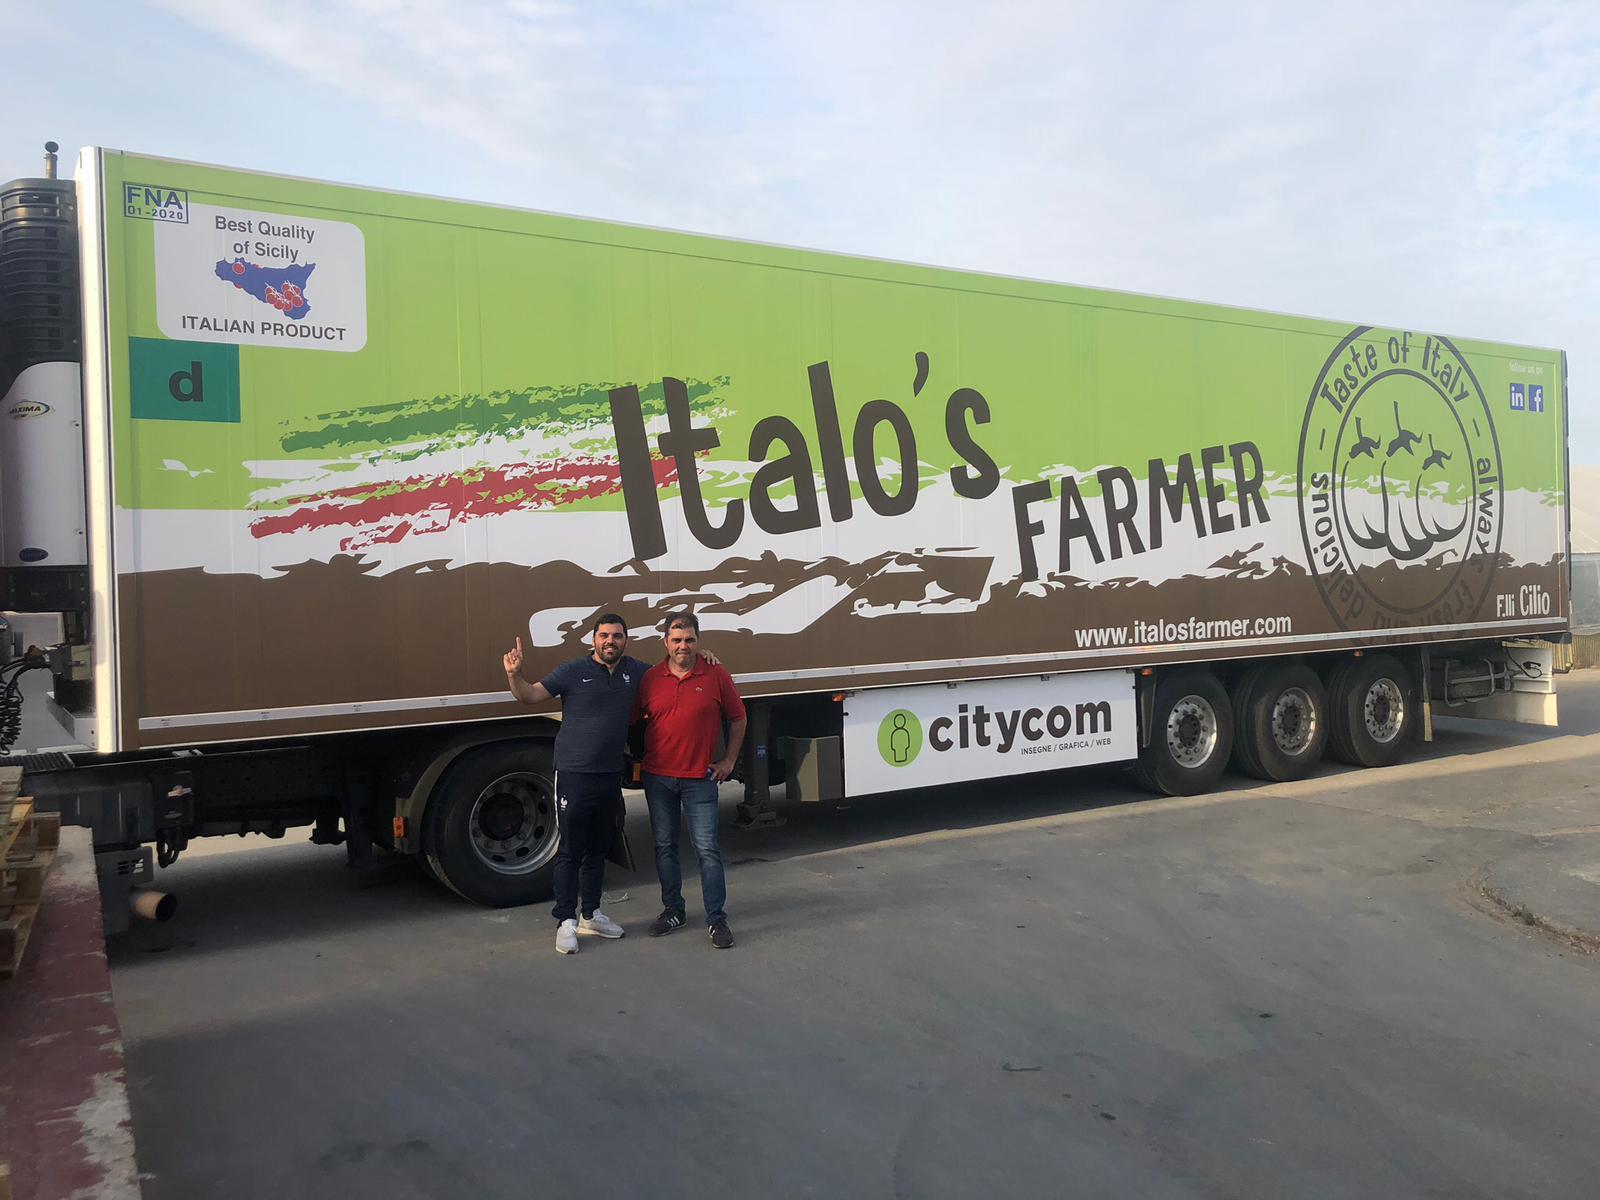 Giuseppe Cilio Italo's Farmer